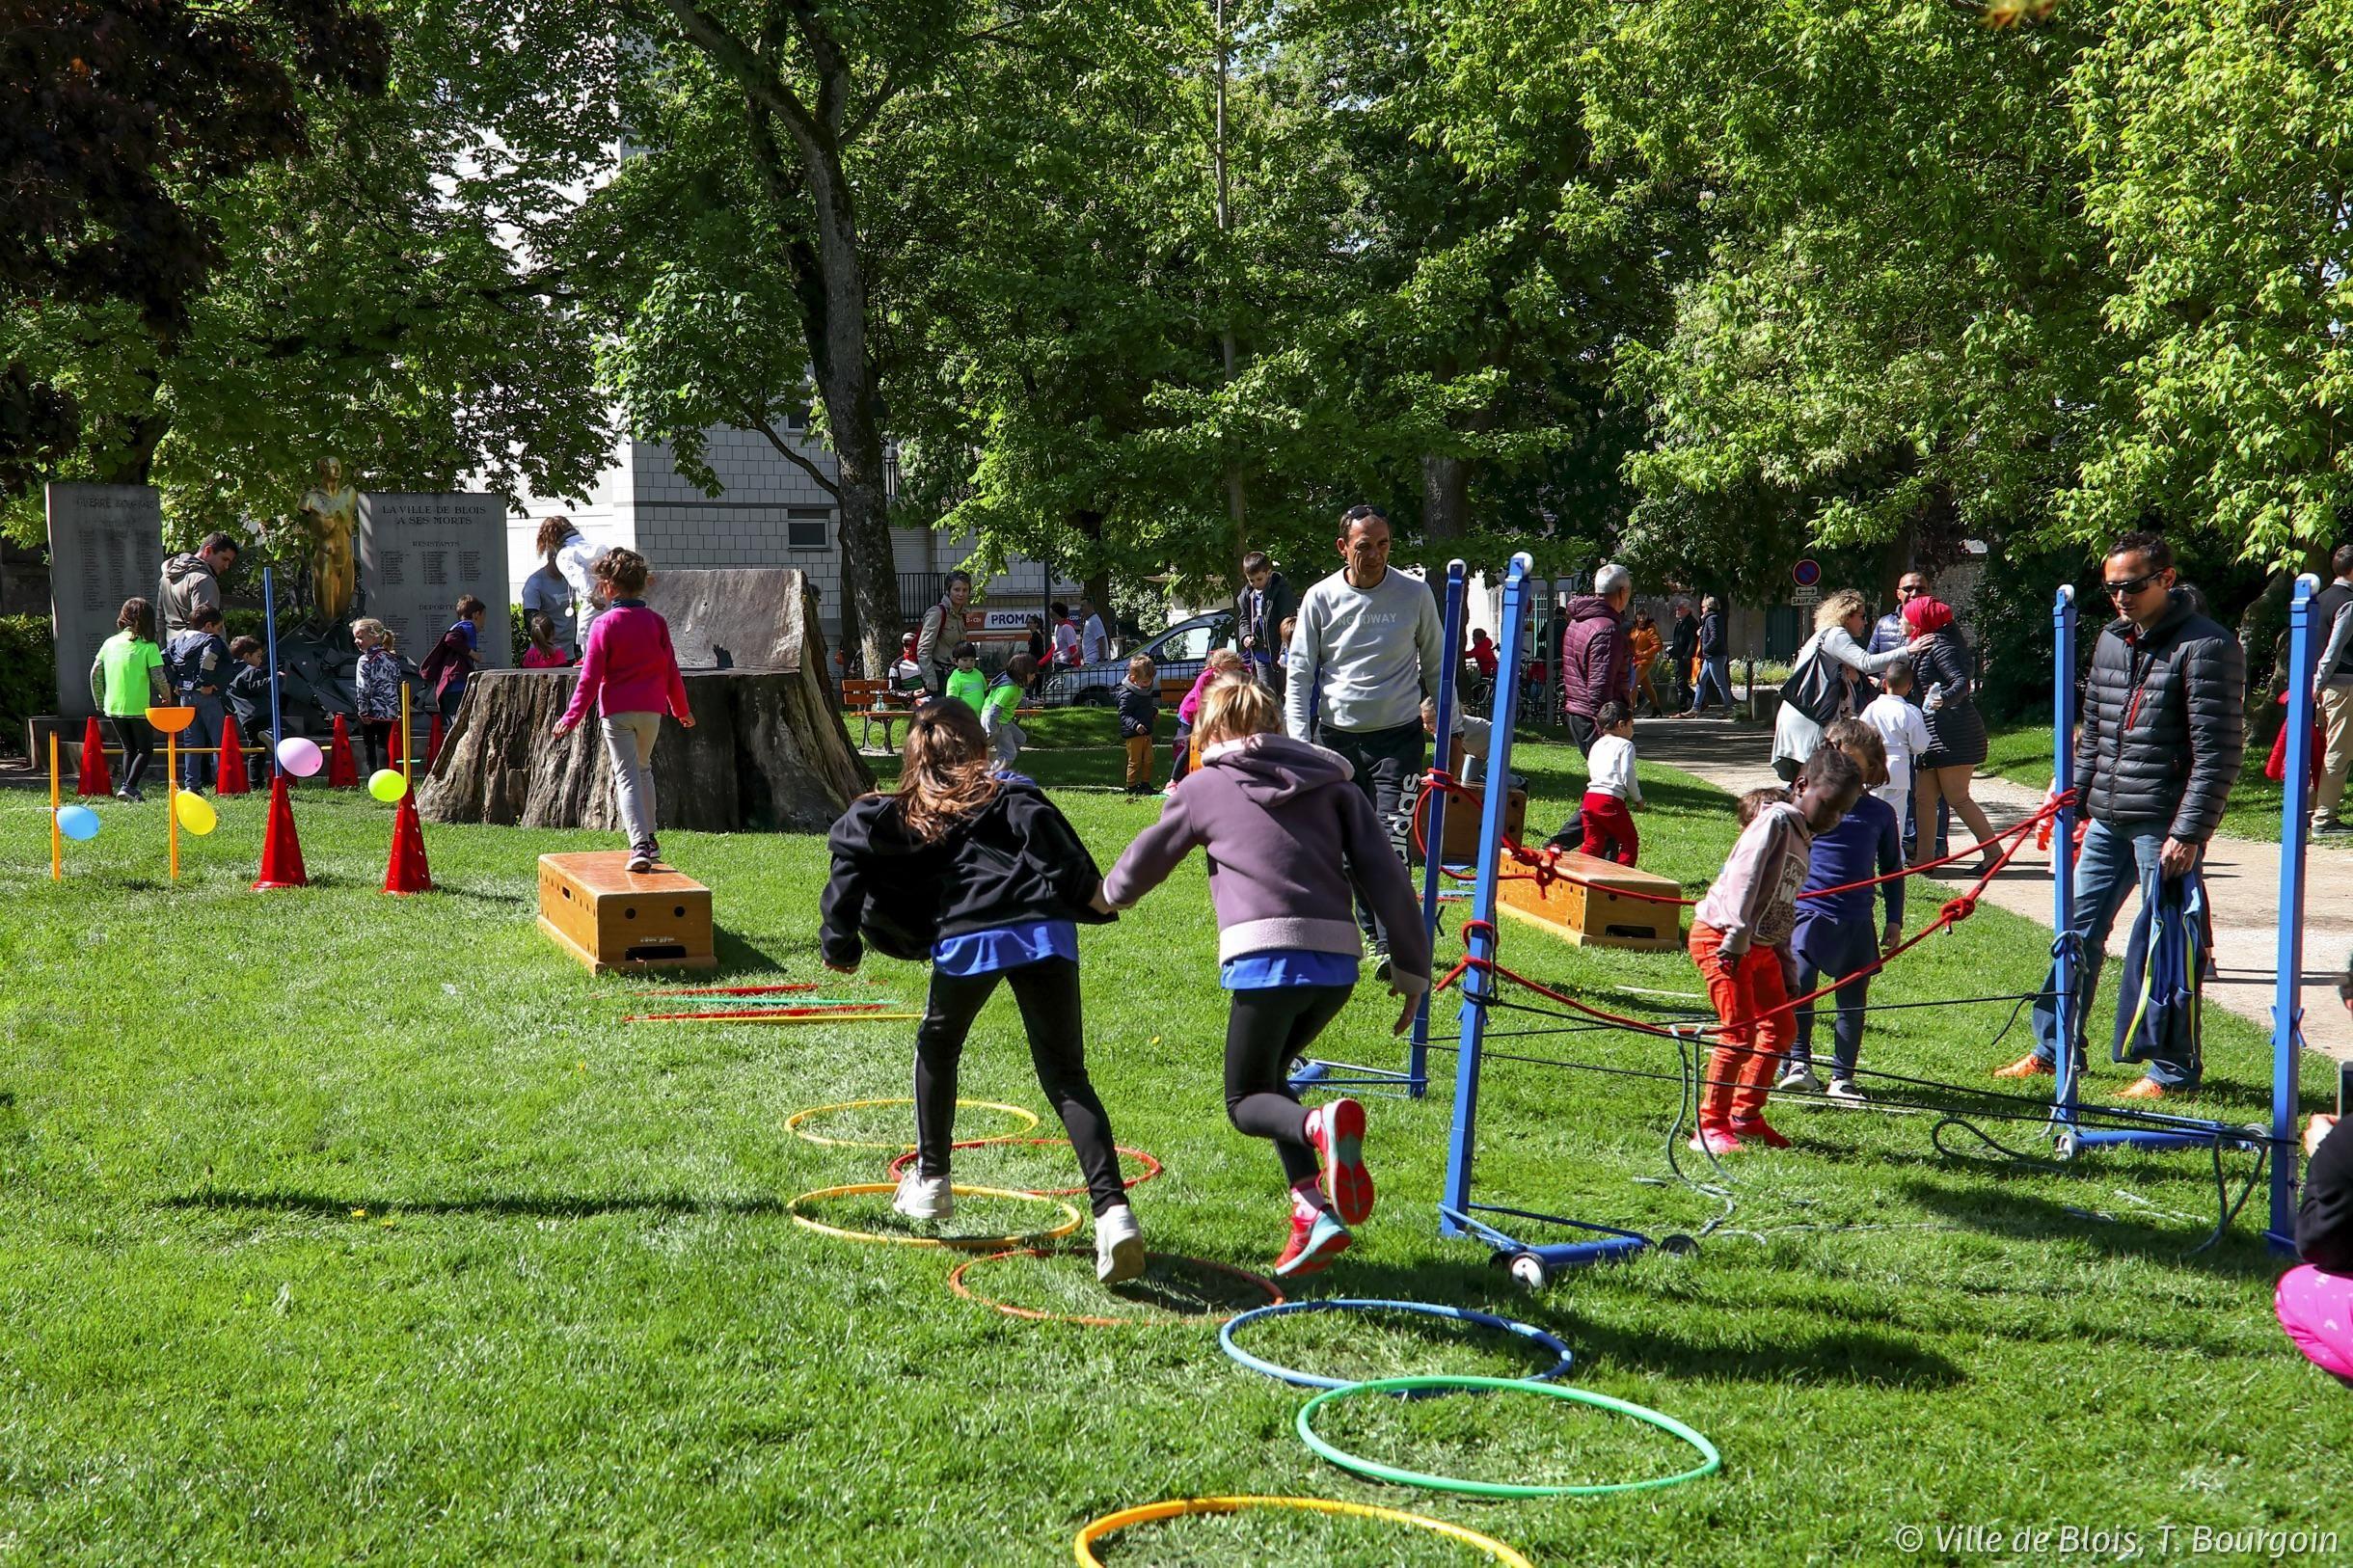 Des enfants sautent dans des cerceaux sur la pelouse de la place de la République.